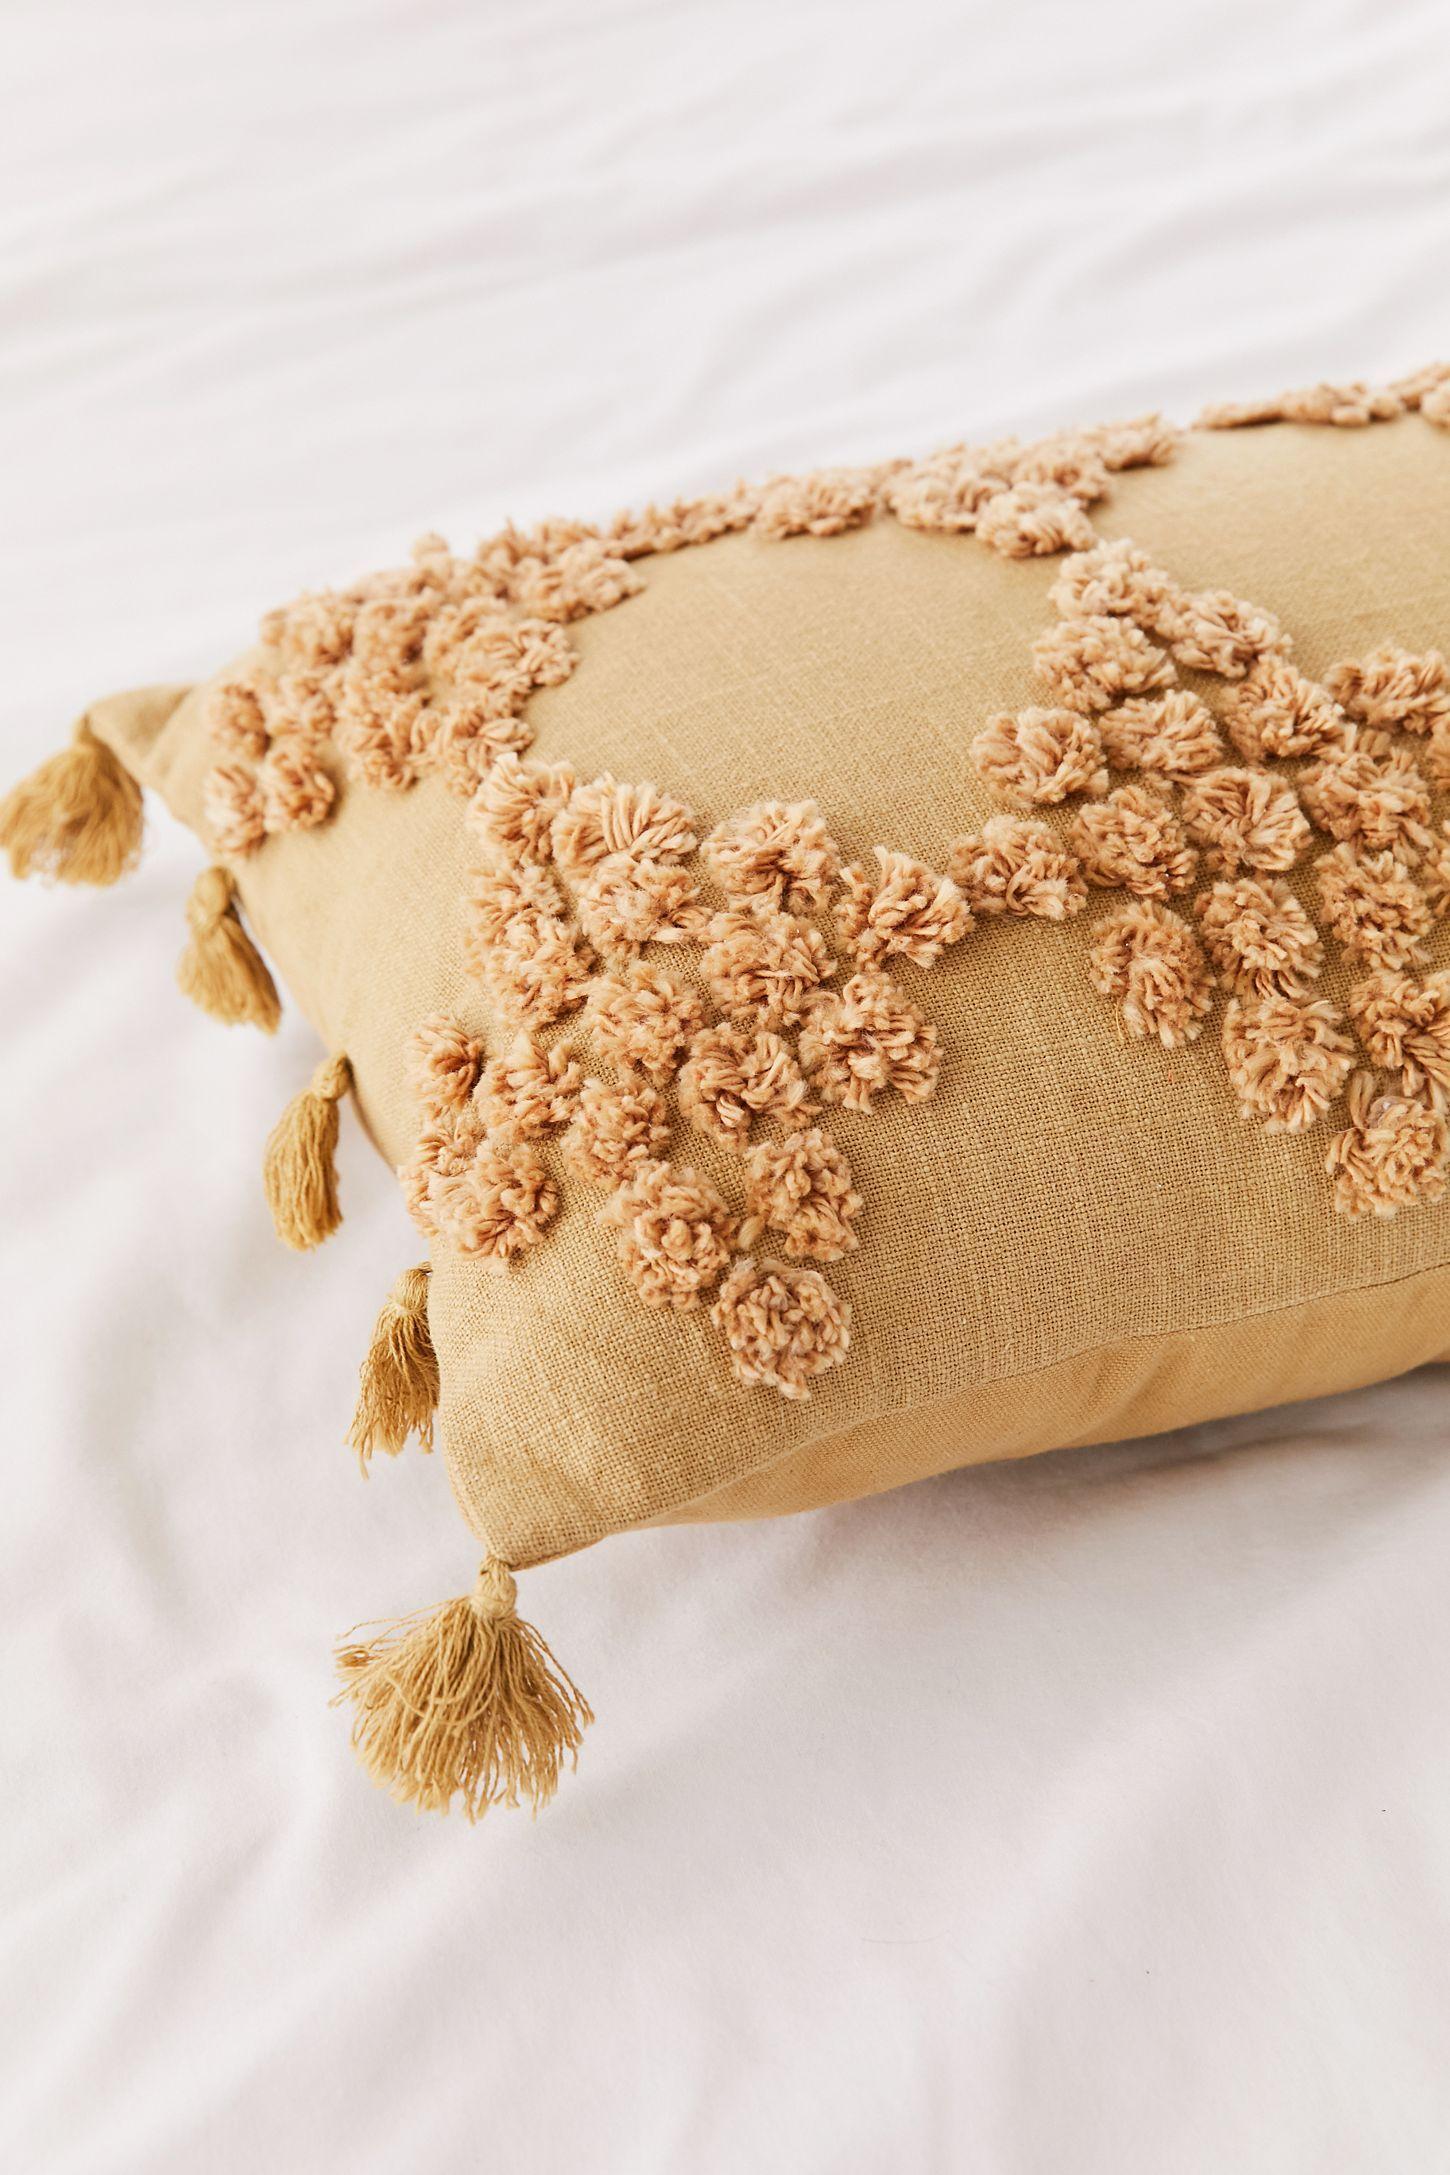 Tufted Geo Bolster Pillow | Bolster